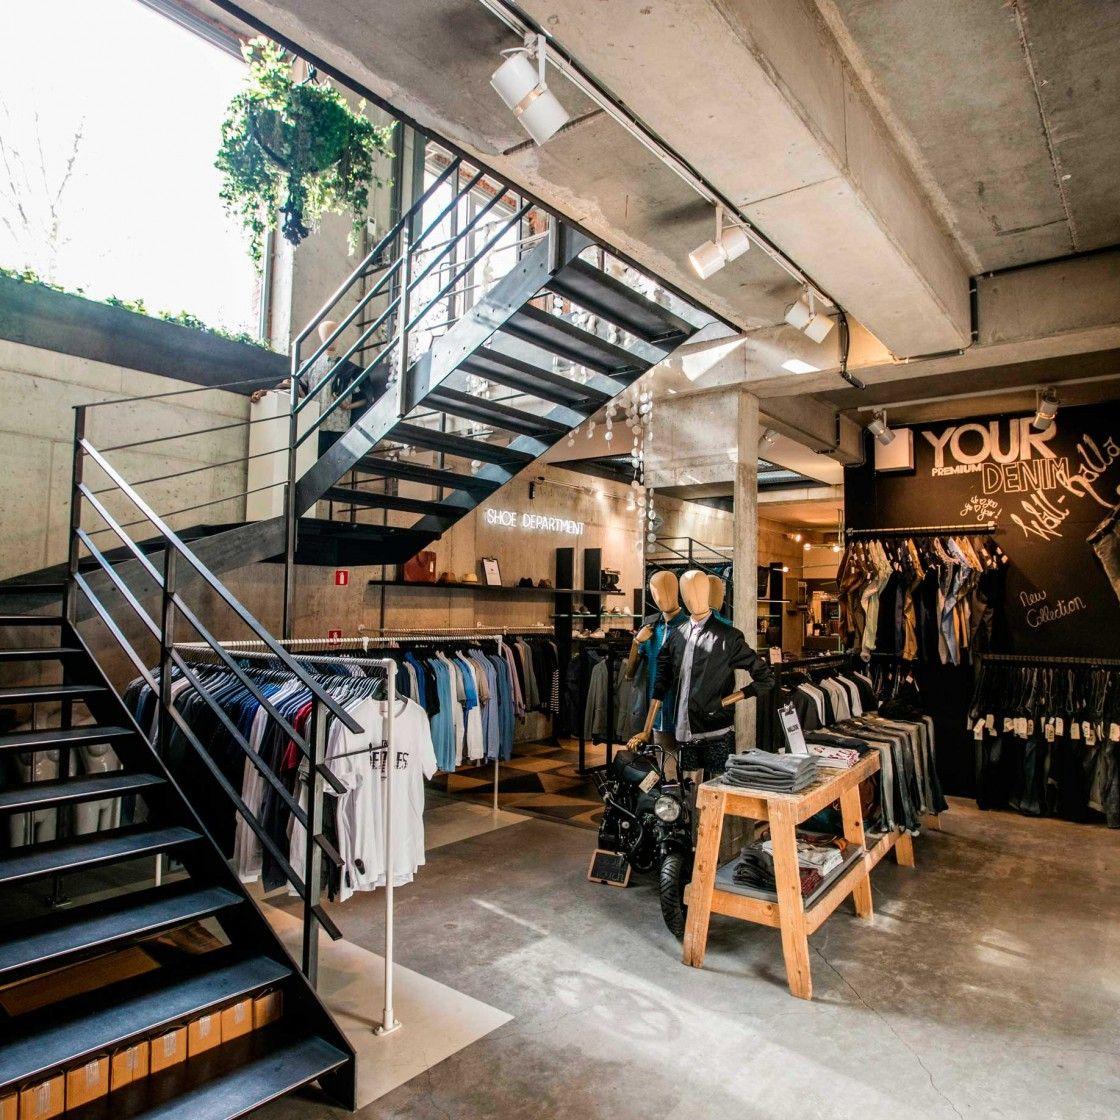 Antwerp belgium Your Premium Store Antwerp